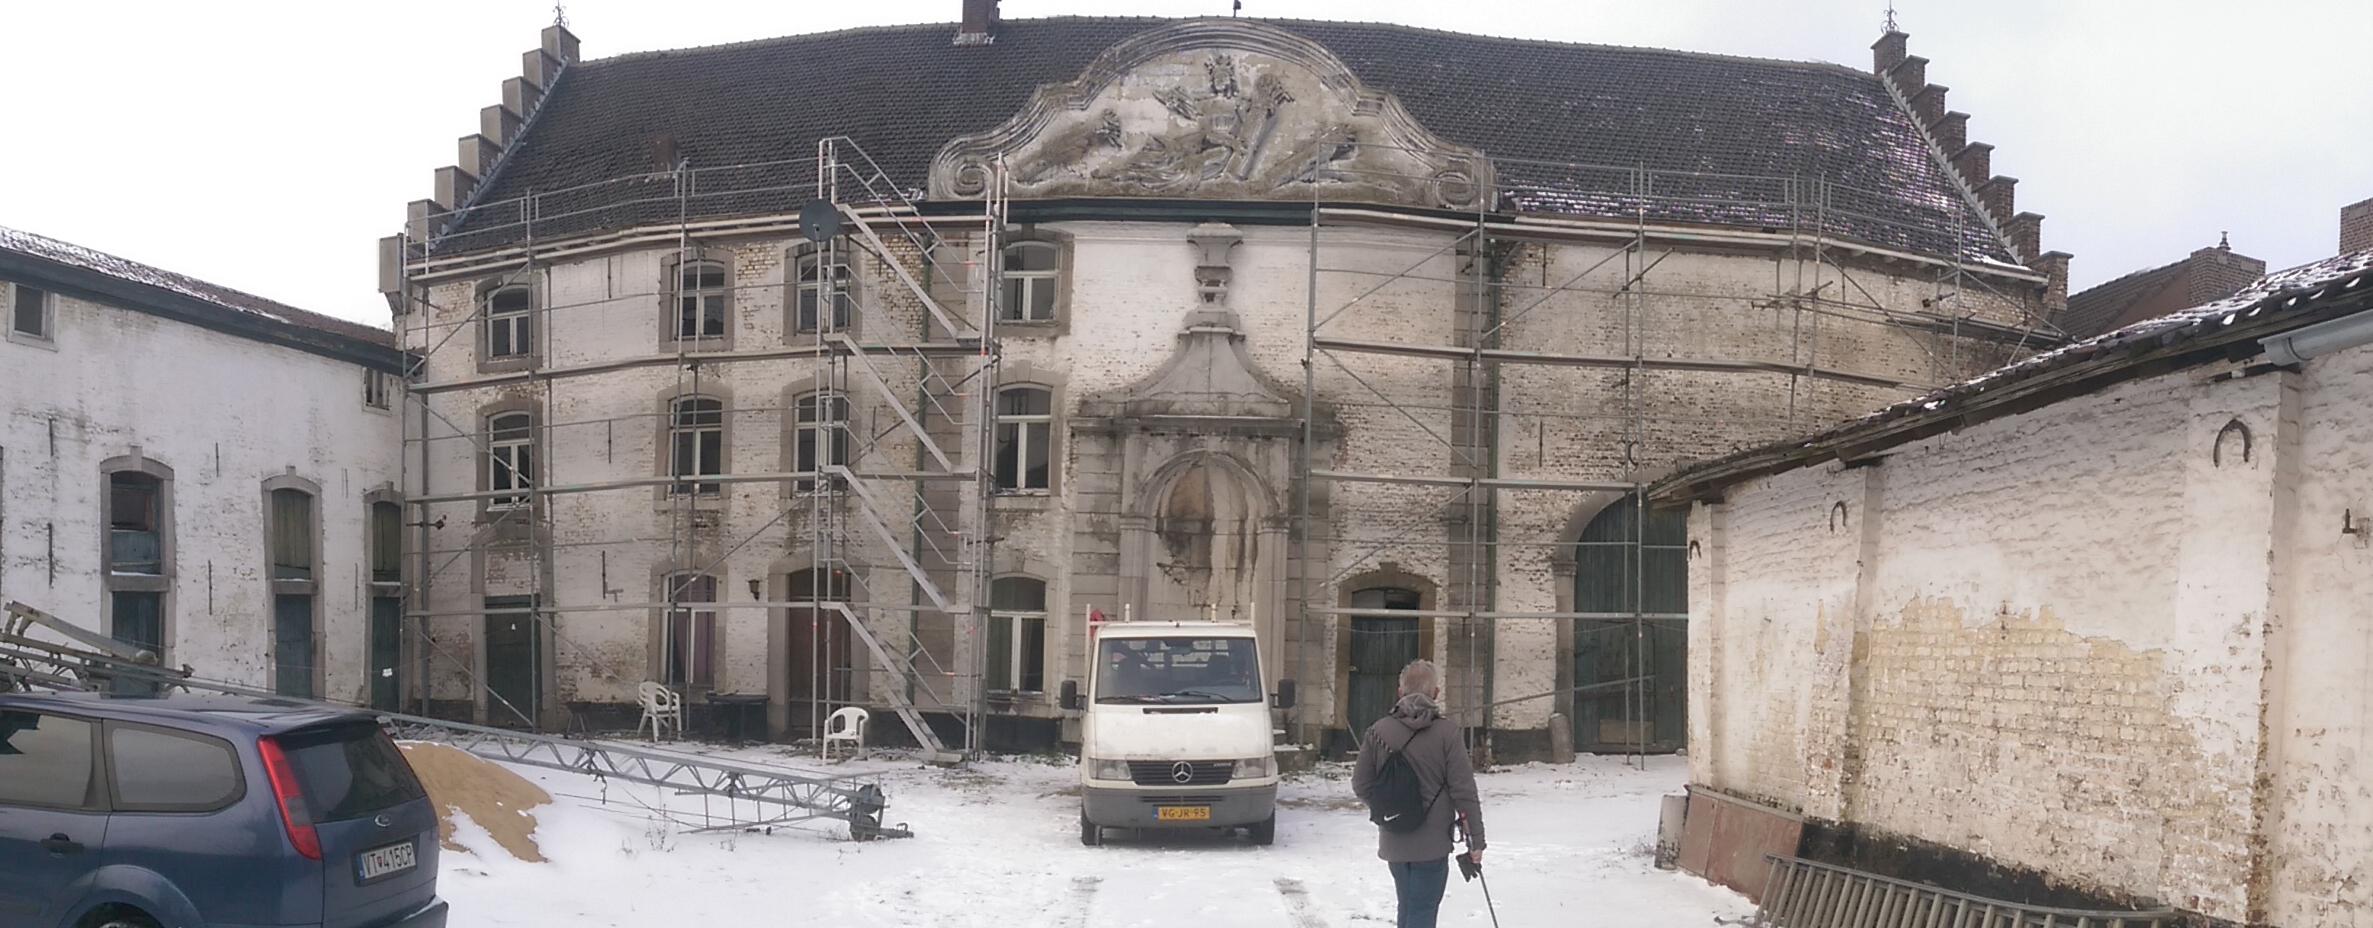 Vaals-an-de-Jau is supertrots op vestiging Nationaal Historisch Museum (NHM)